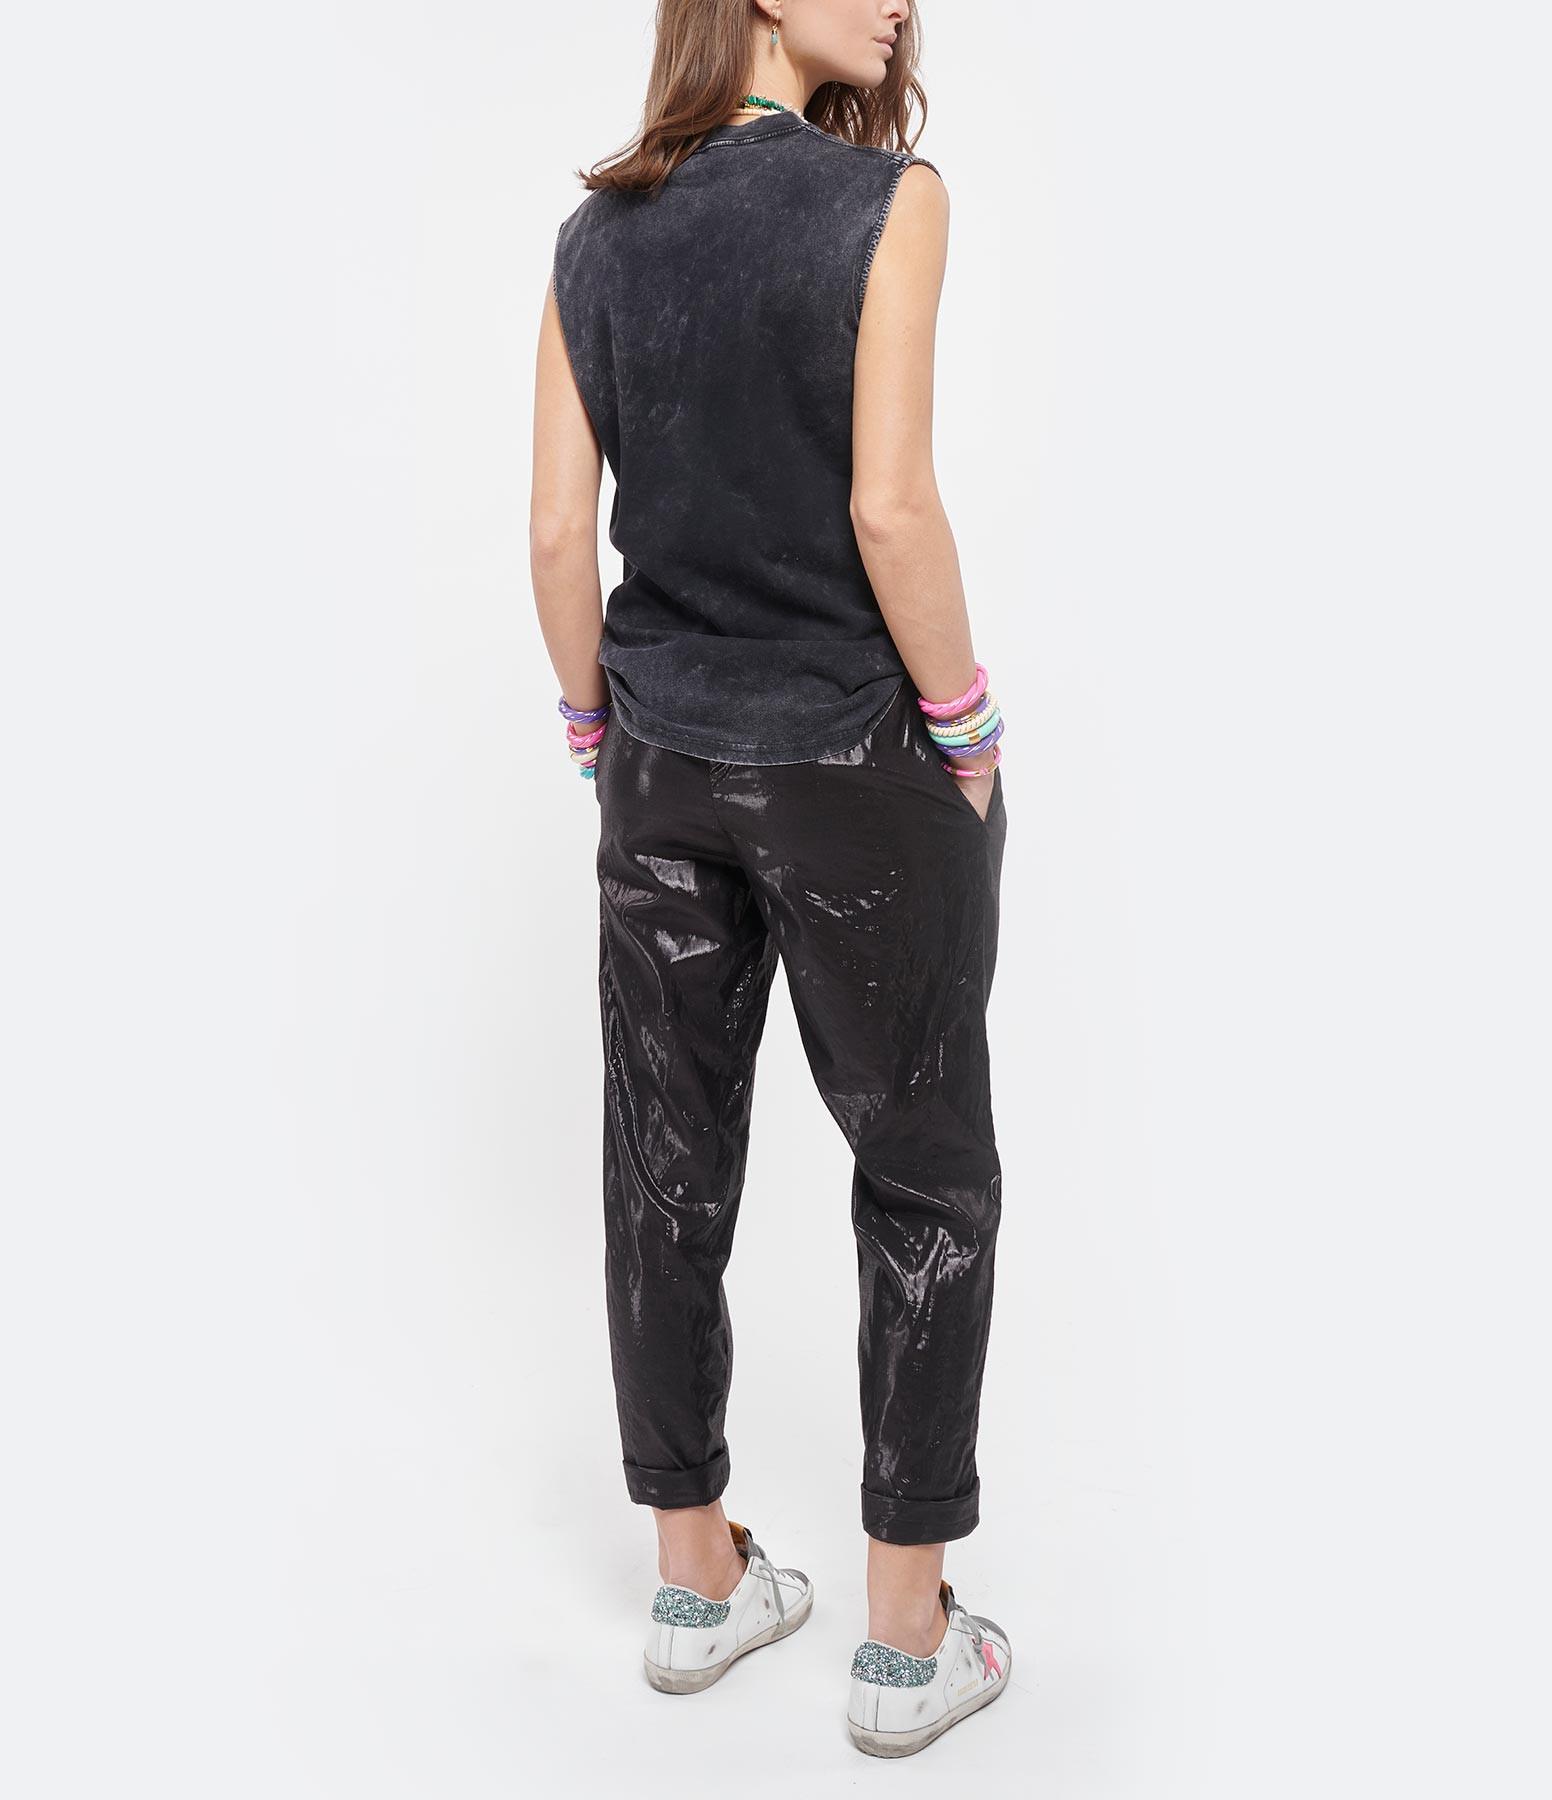 NEWTONE - Tee-shirt Biker Boulevard Coton Noir